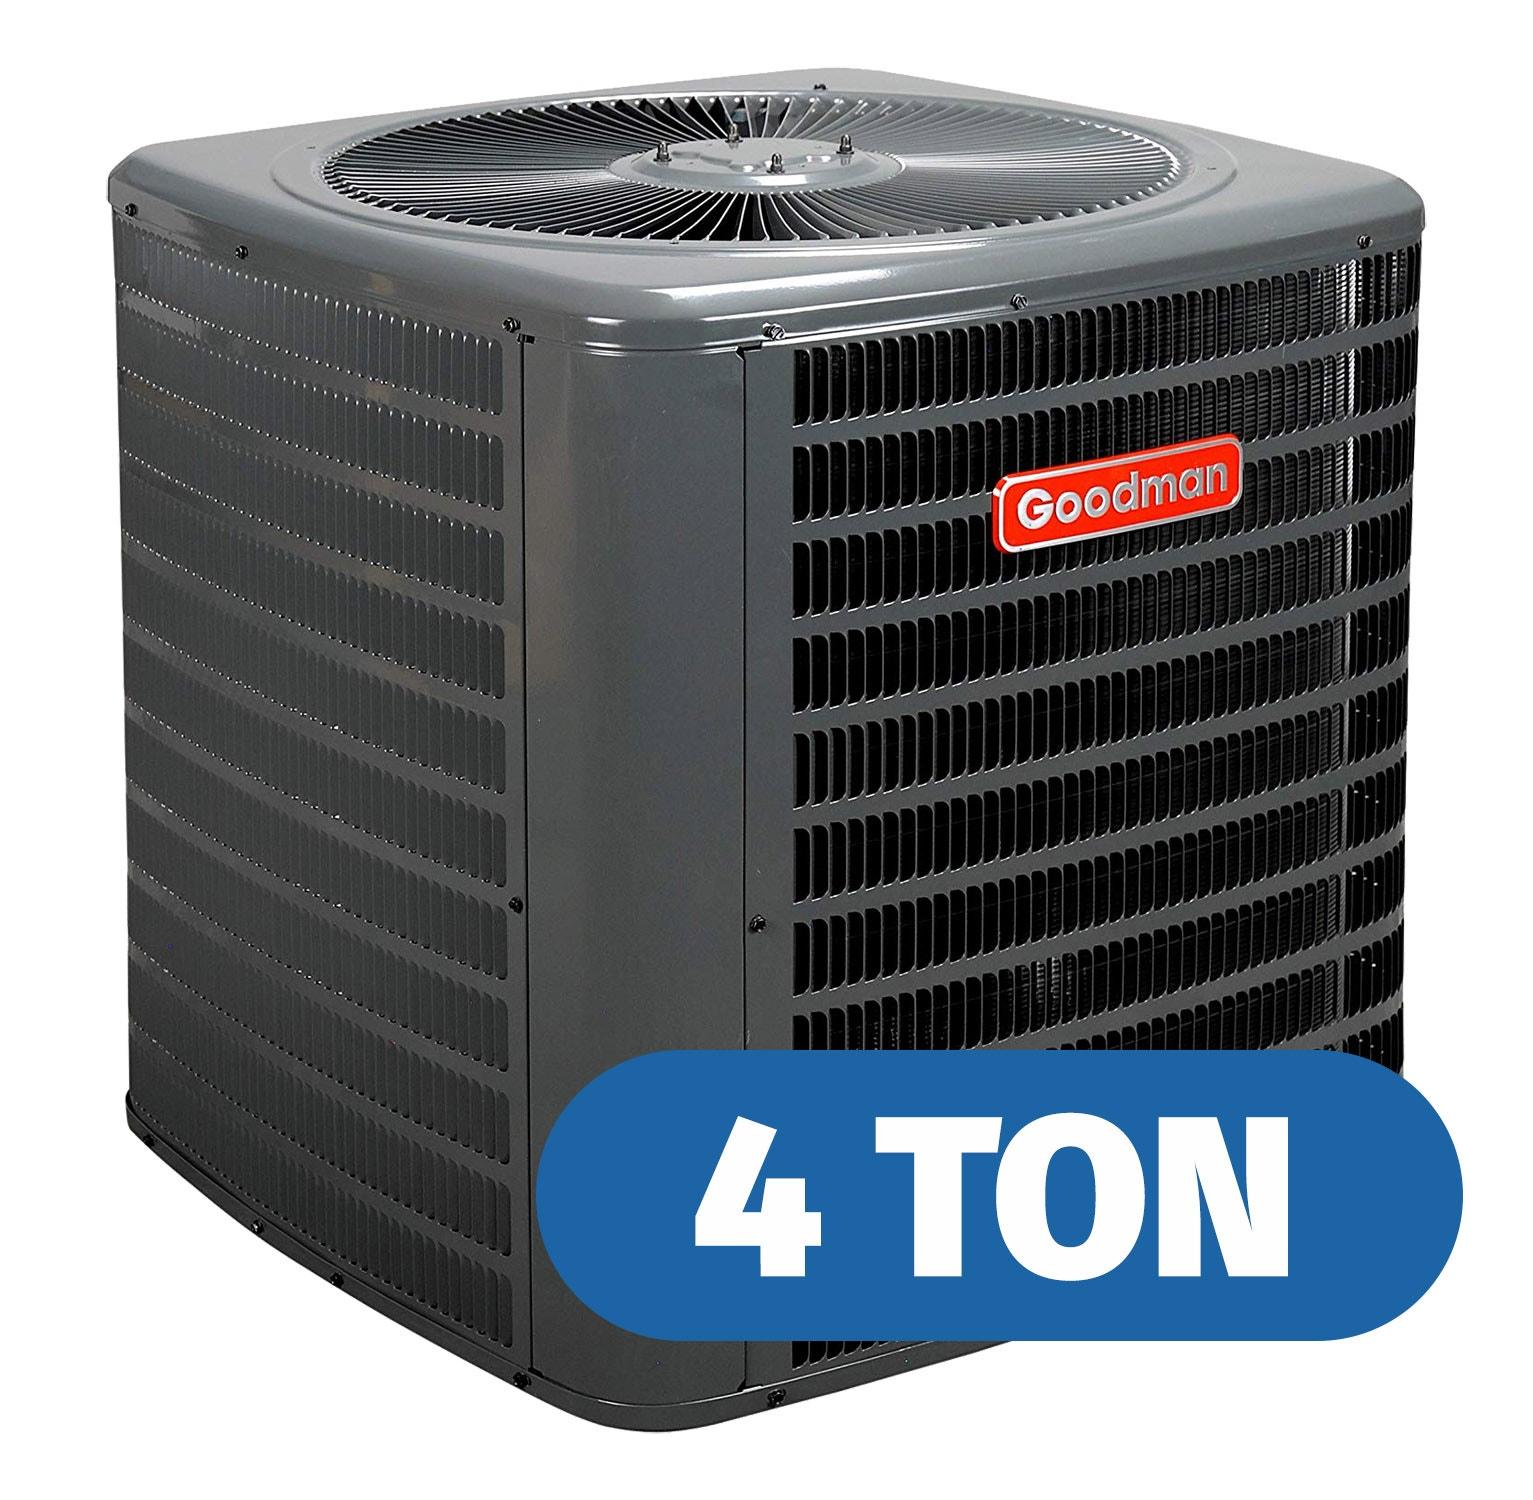 4 Ton Heat Pumps